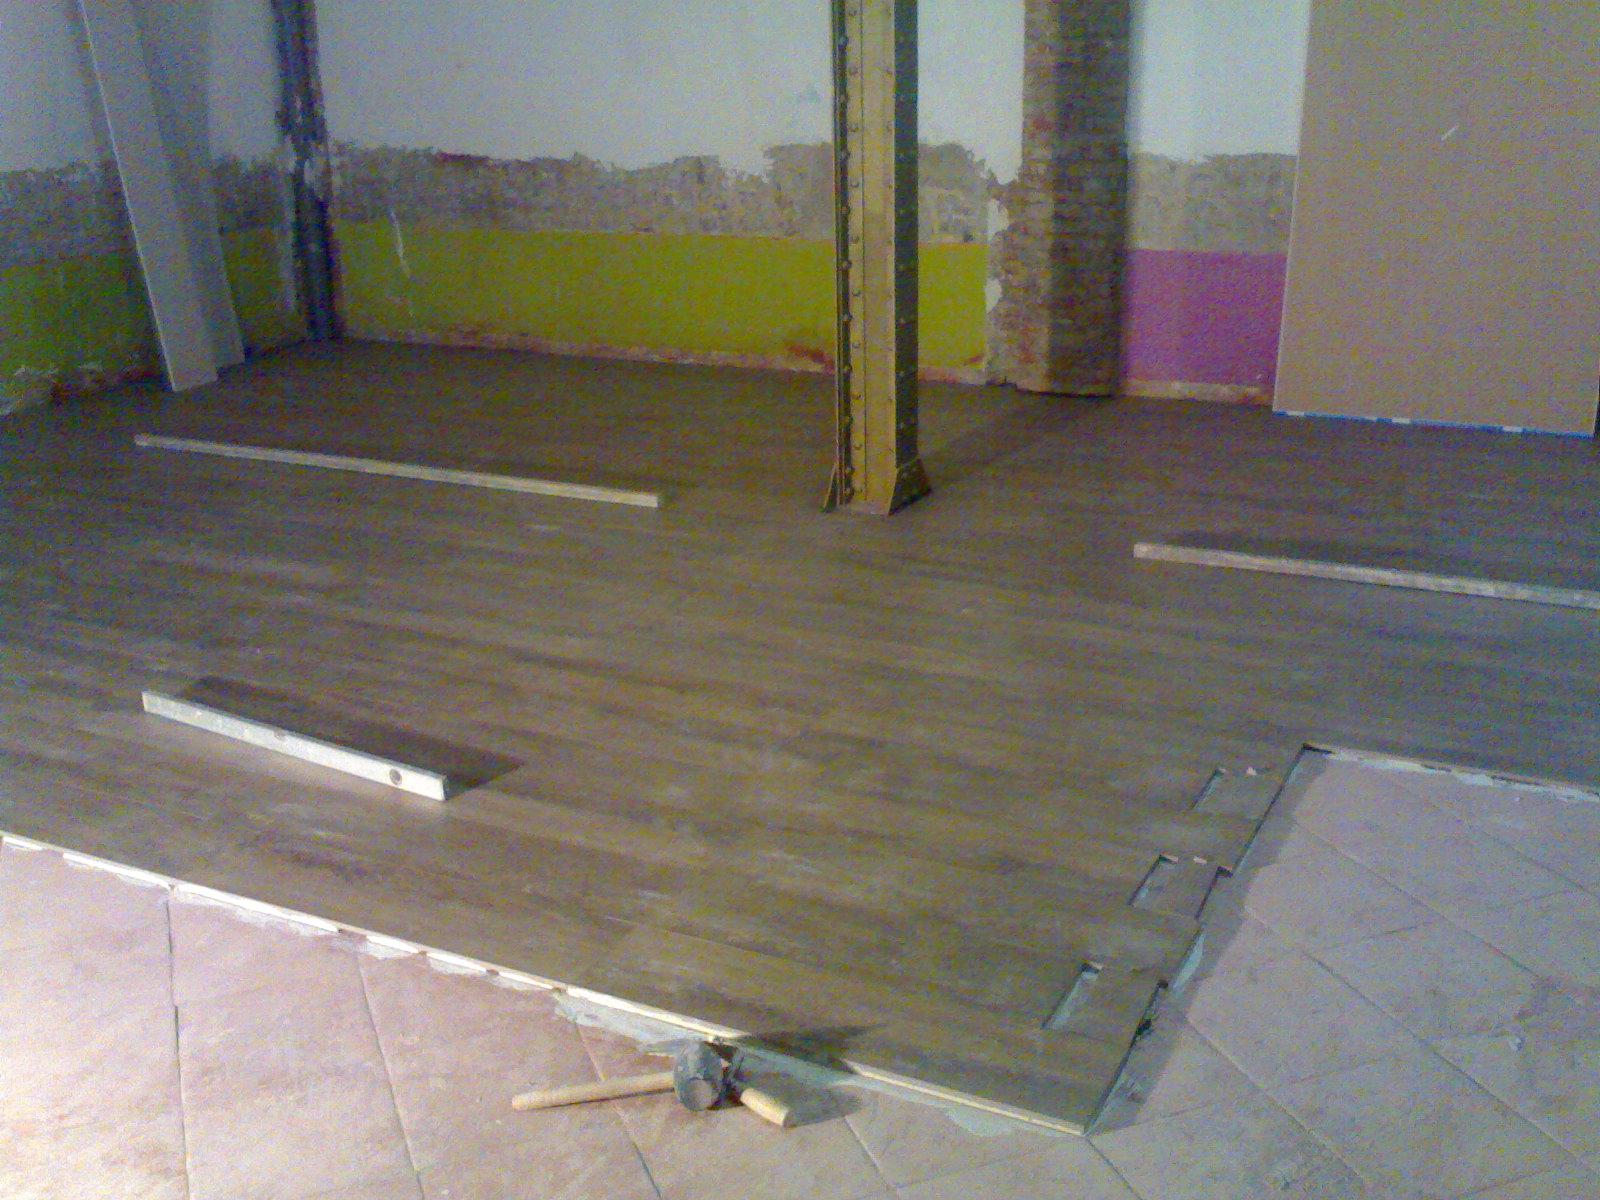 Suelos y z calos quiero reformar mi casa - Colocar suelo porcelanico ...